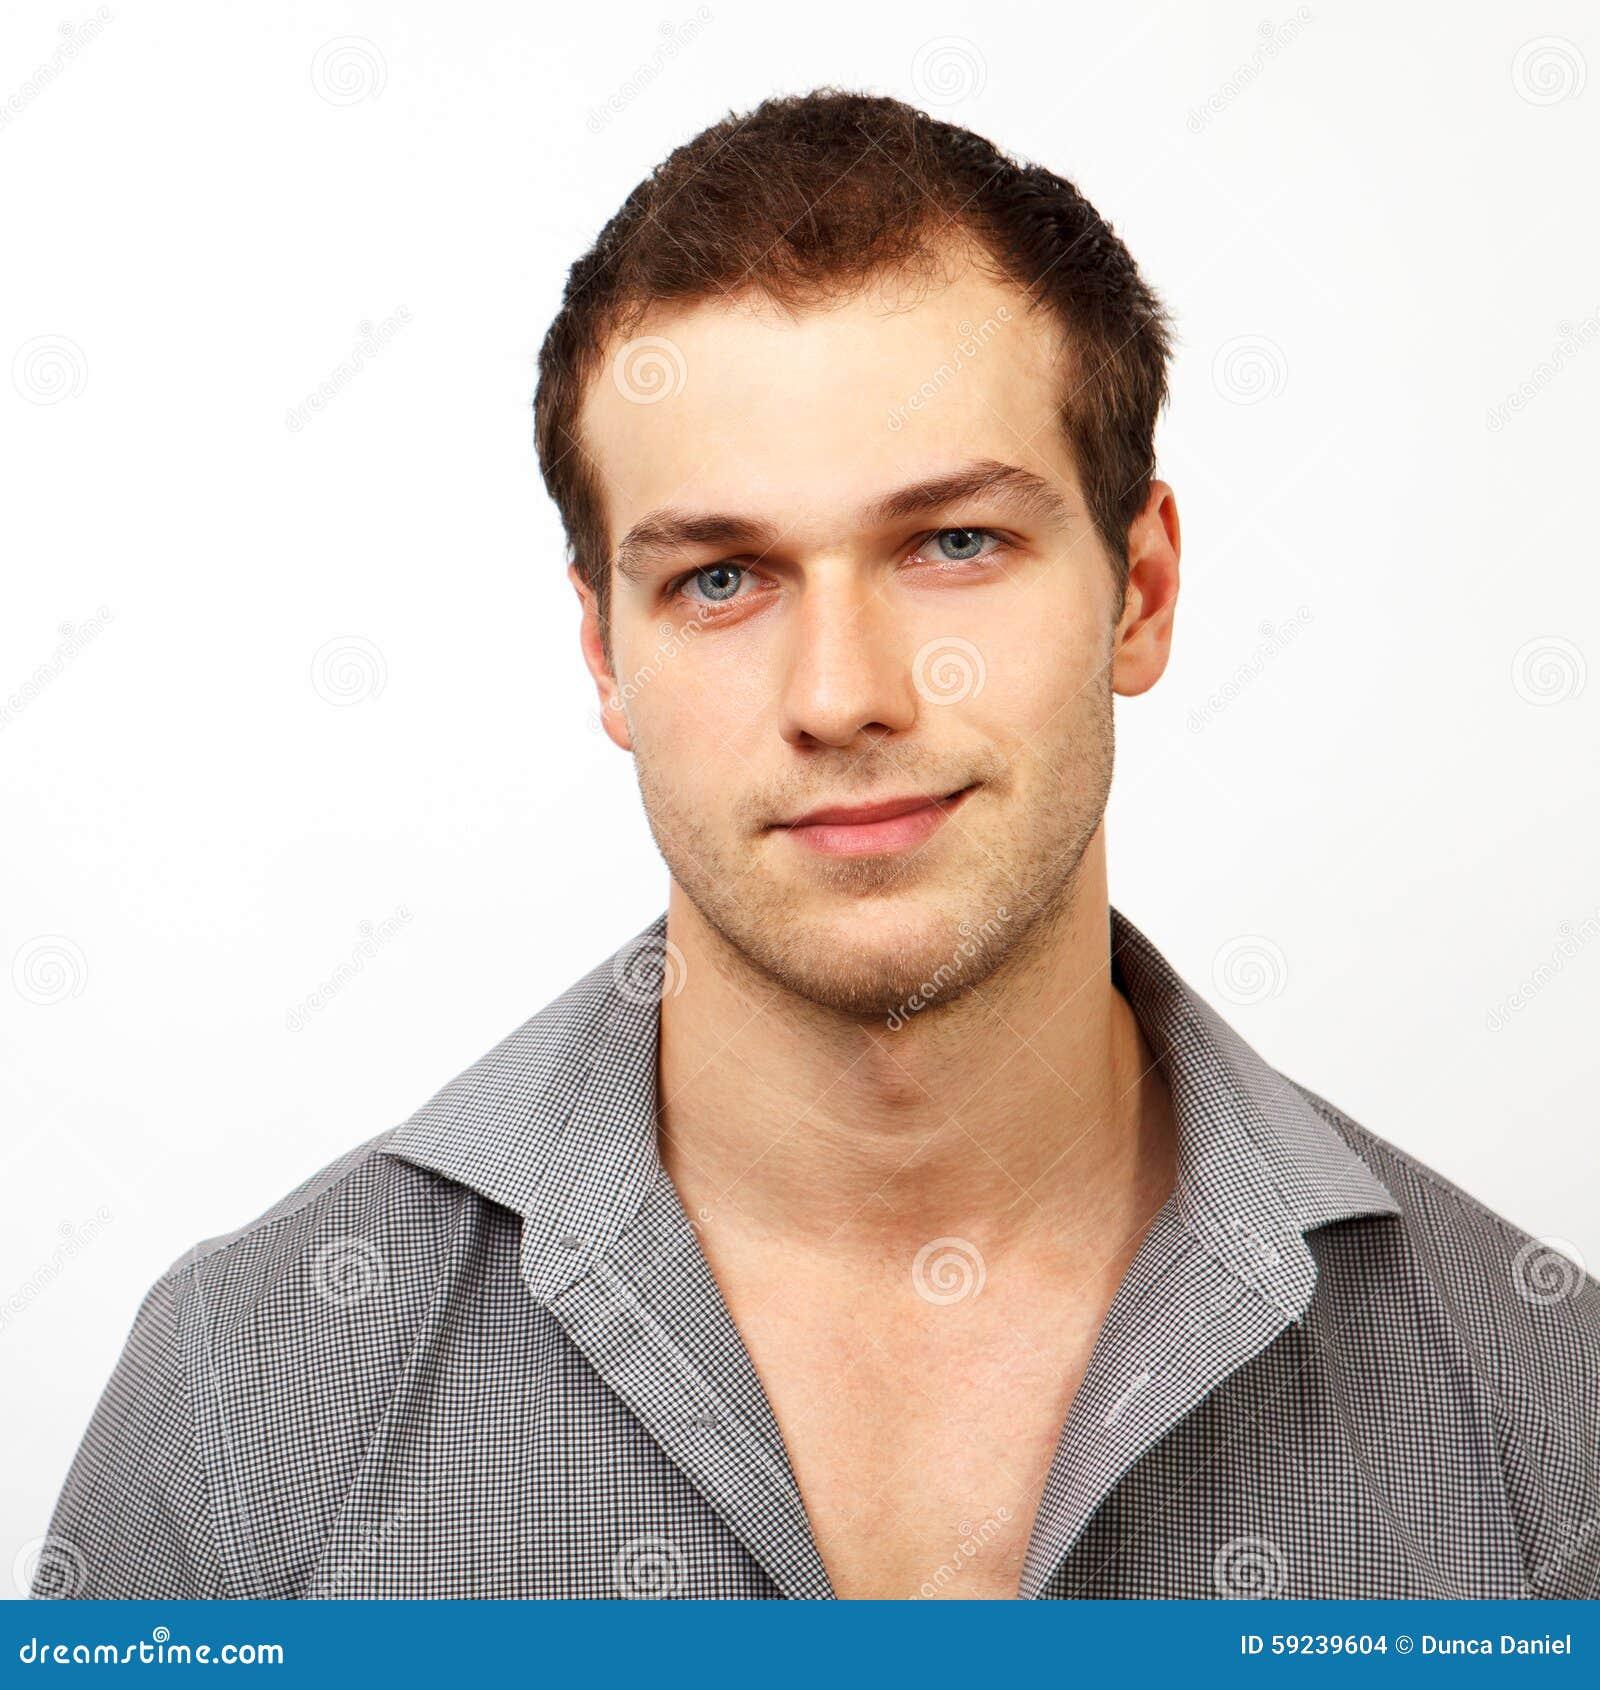 Cara del hombre amistoso joven con sonrisa agradable